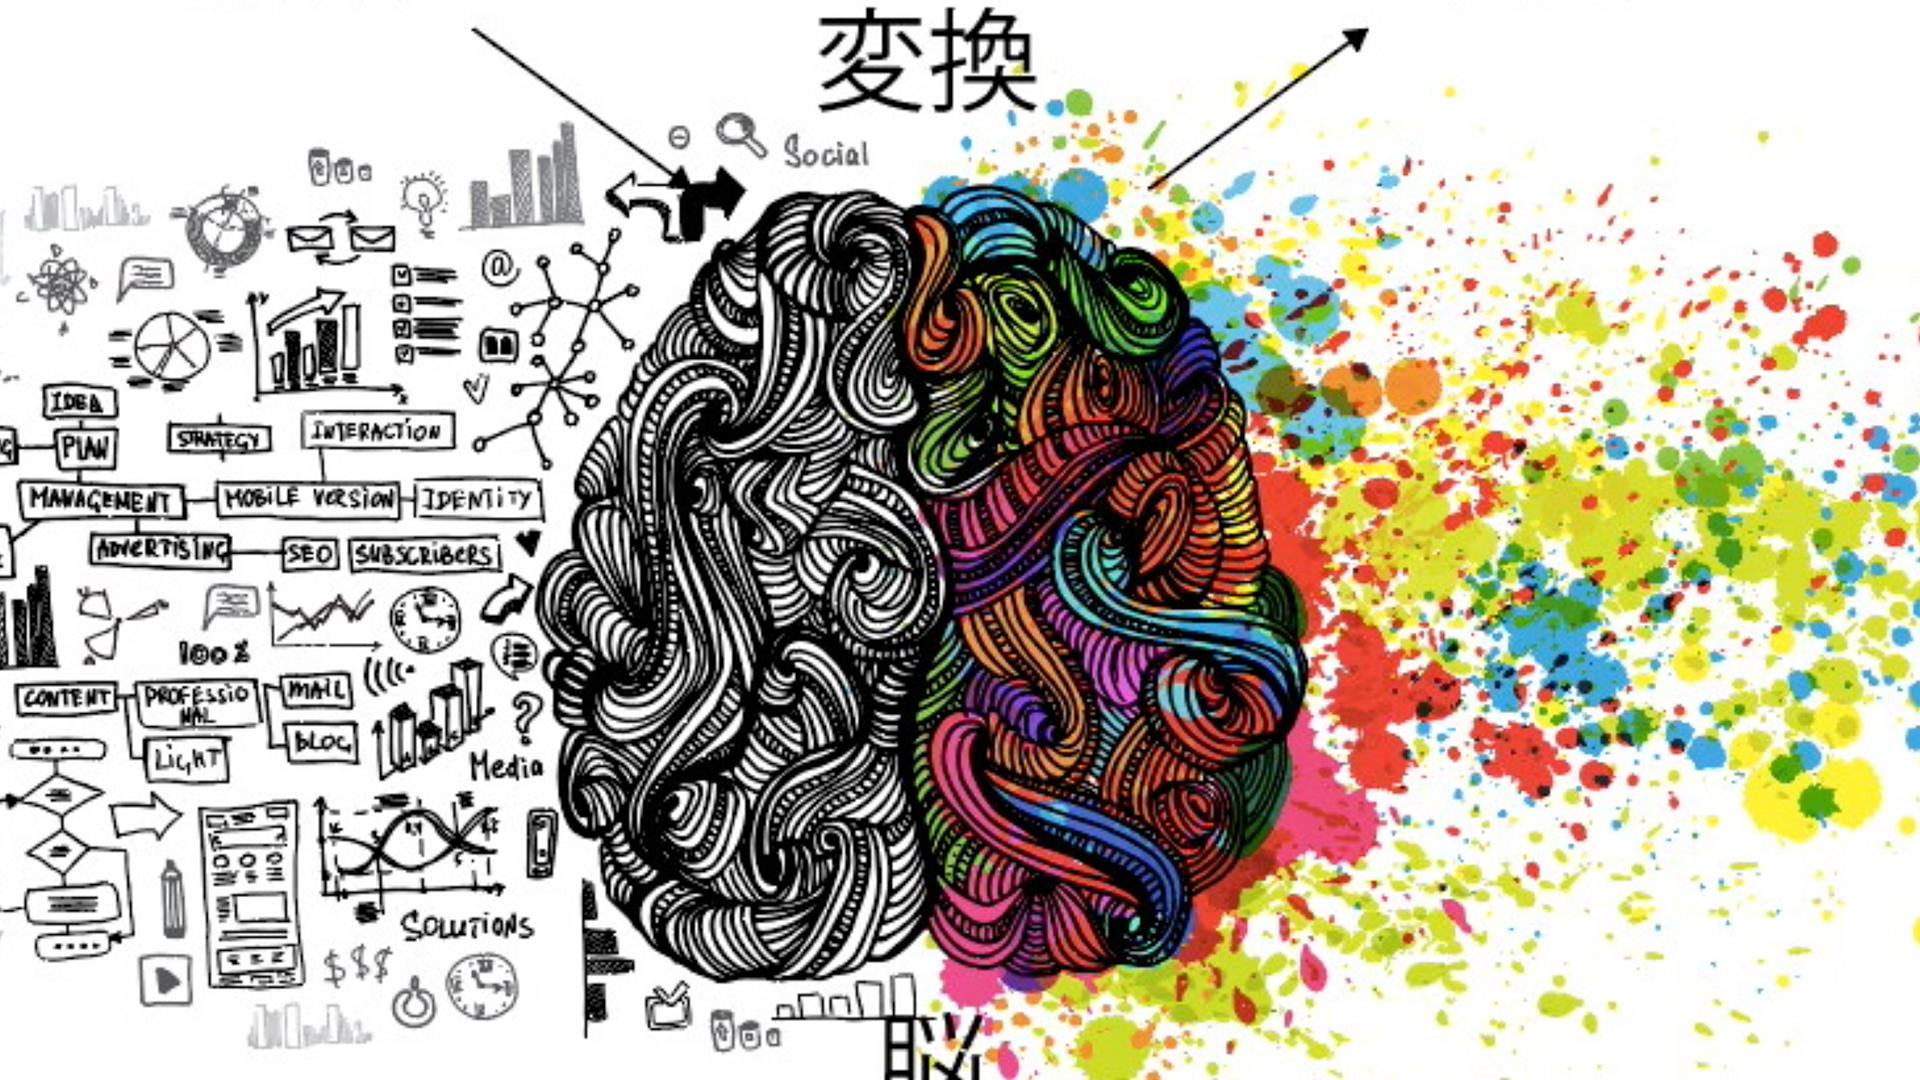 グラフィックデザインの基礎:アイデアとコンセプト